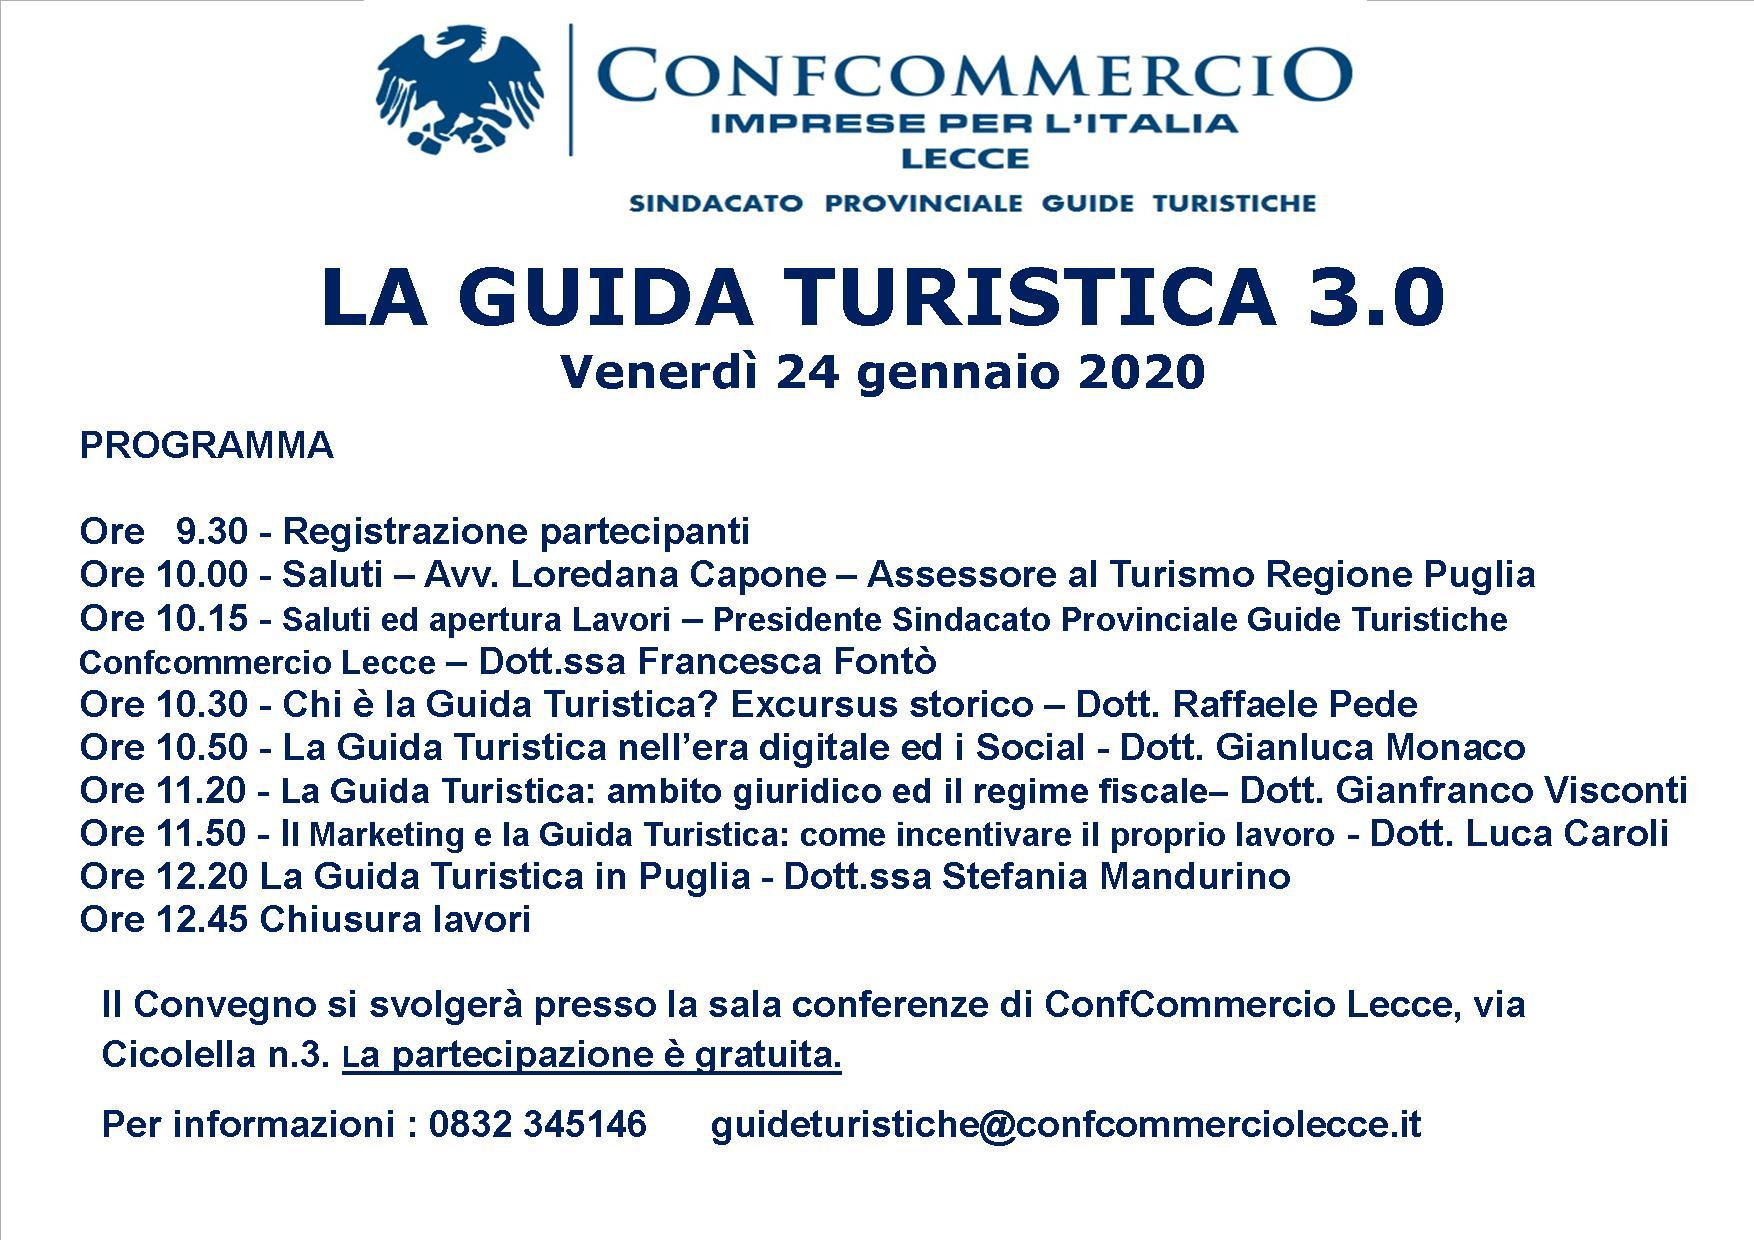 seminario 24 gennaio 2020 - La Guida Turistica 3.0